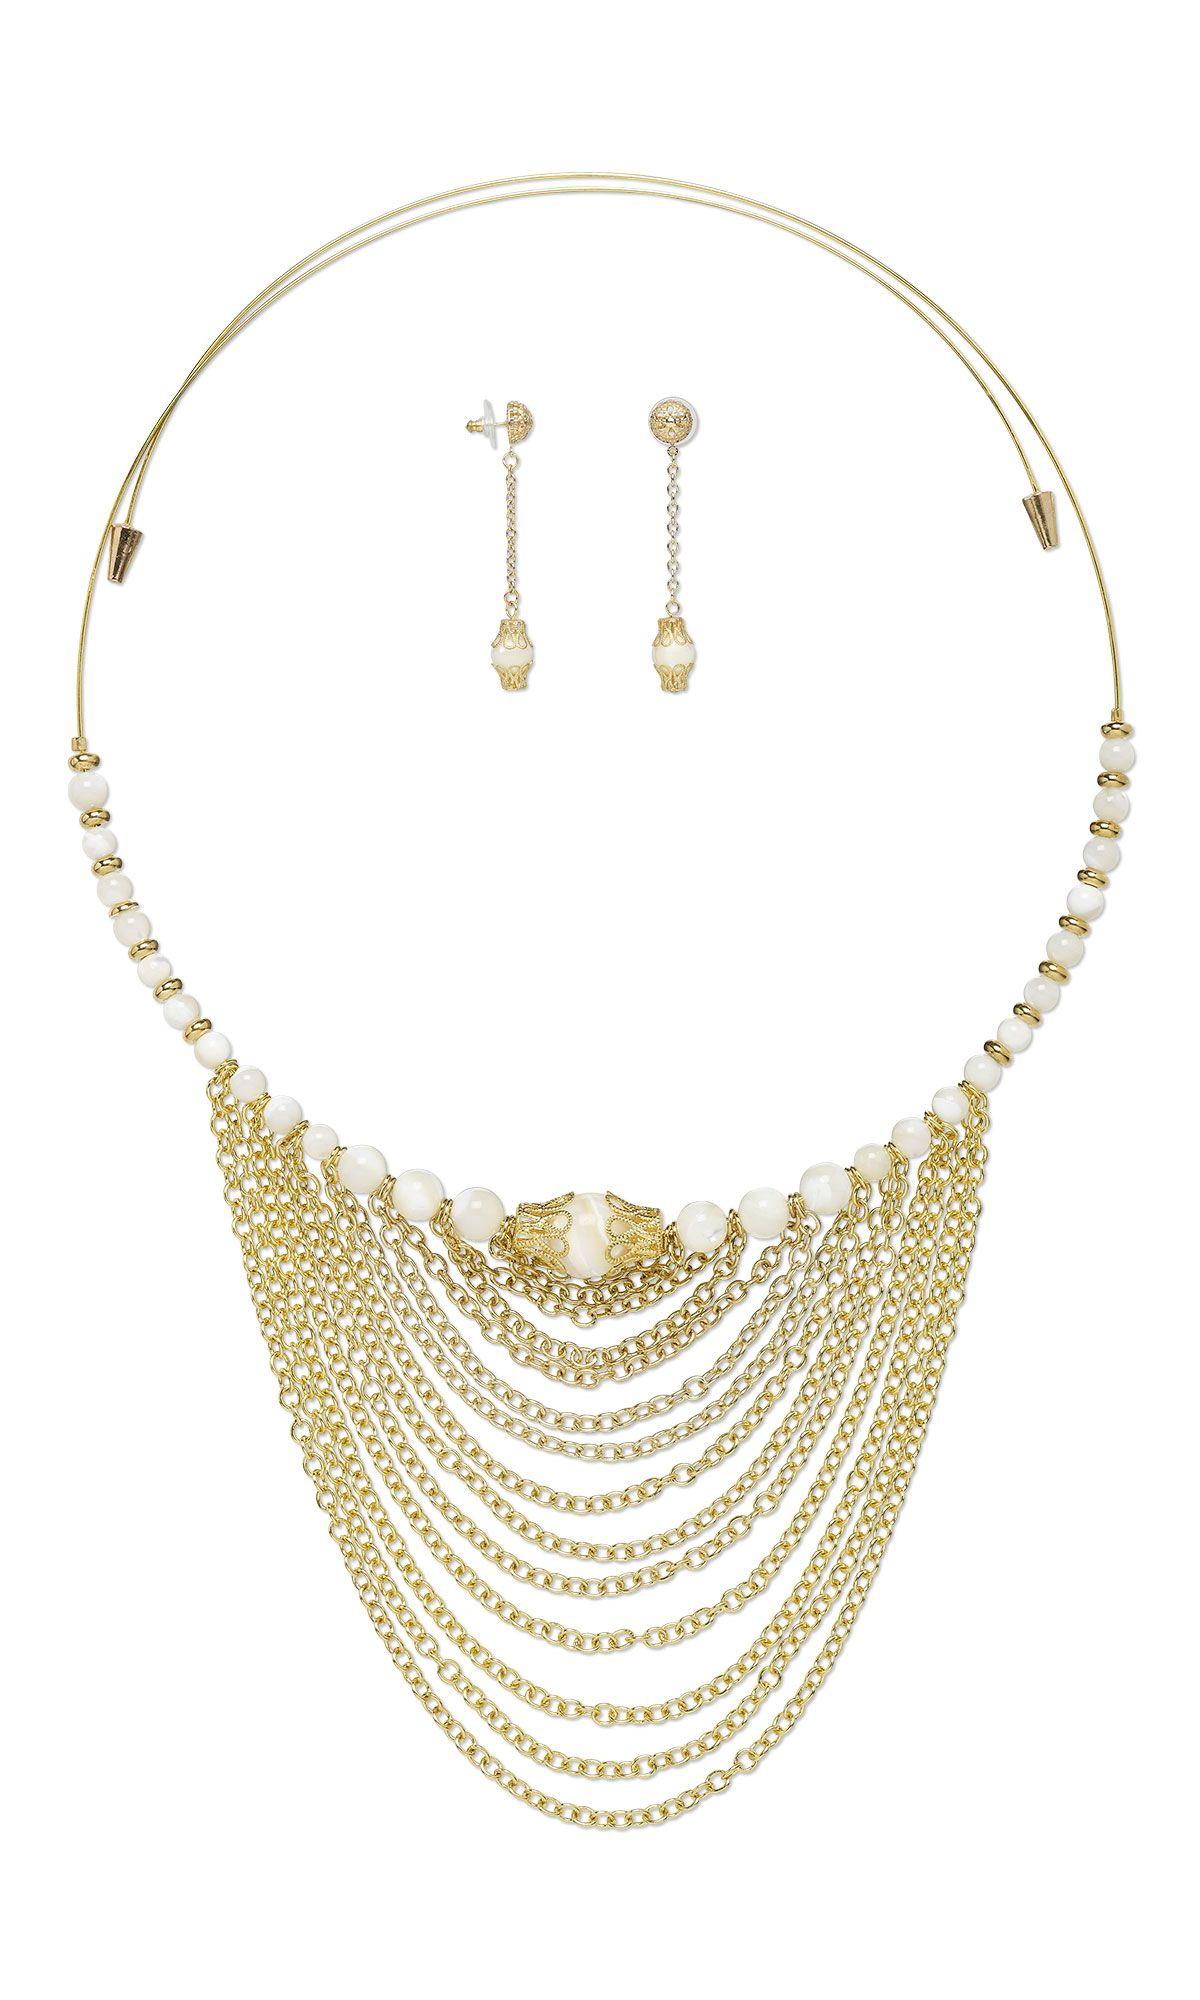 Jewelry Set Women Silver Plated Bib Chain Necklace Earrings Ring Bracelet MT